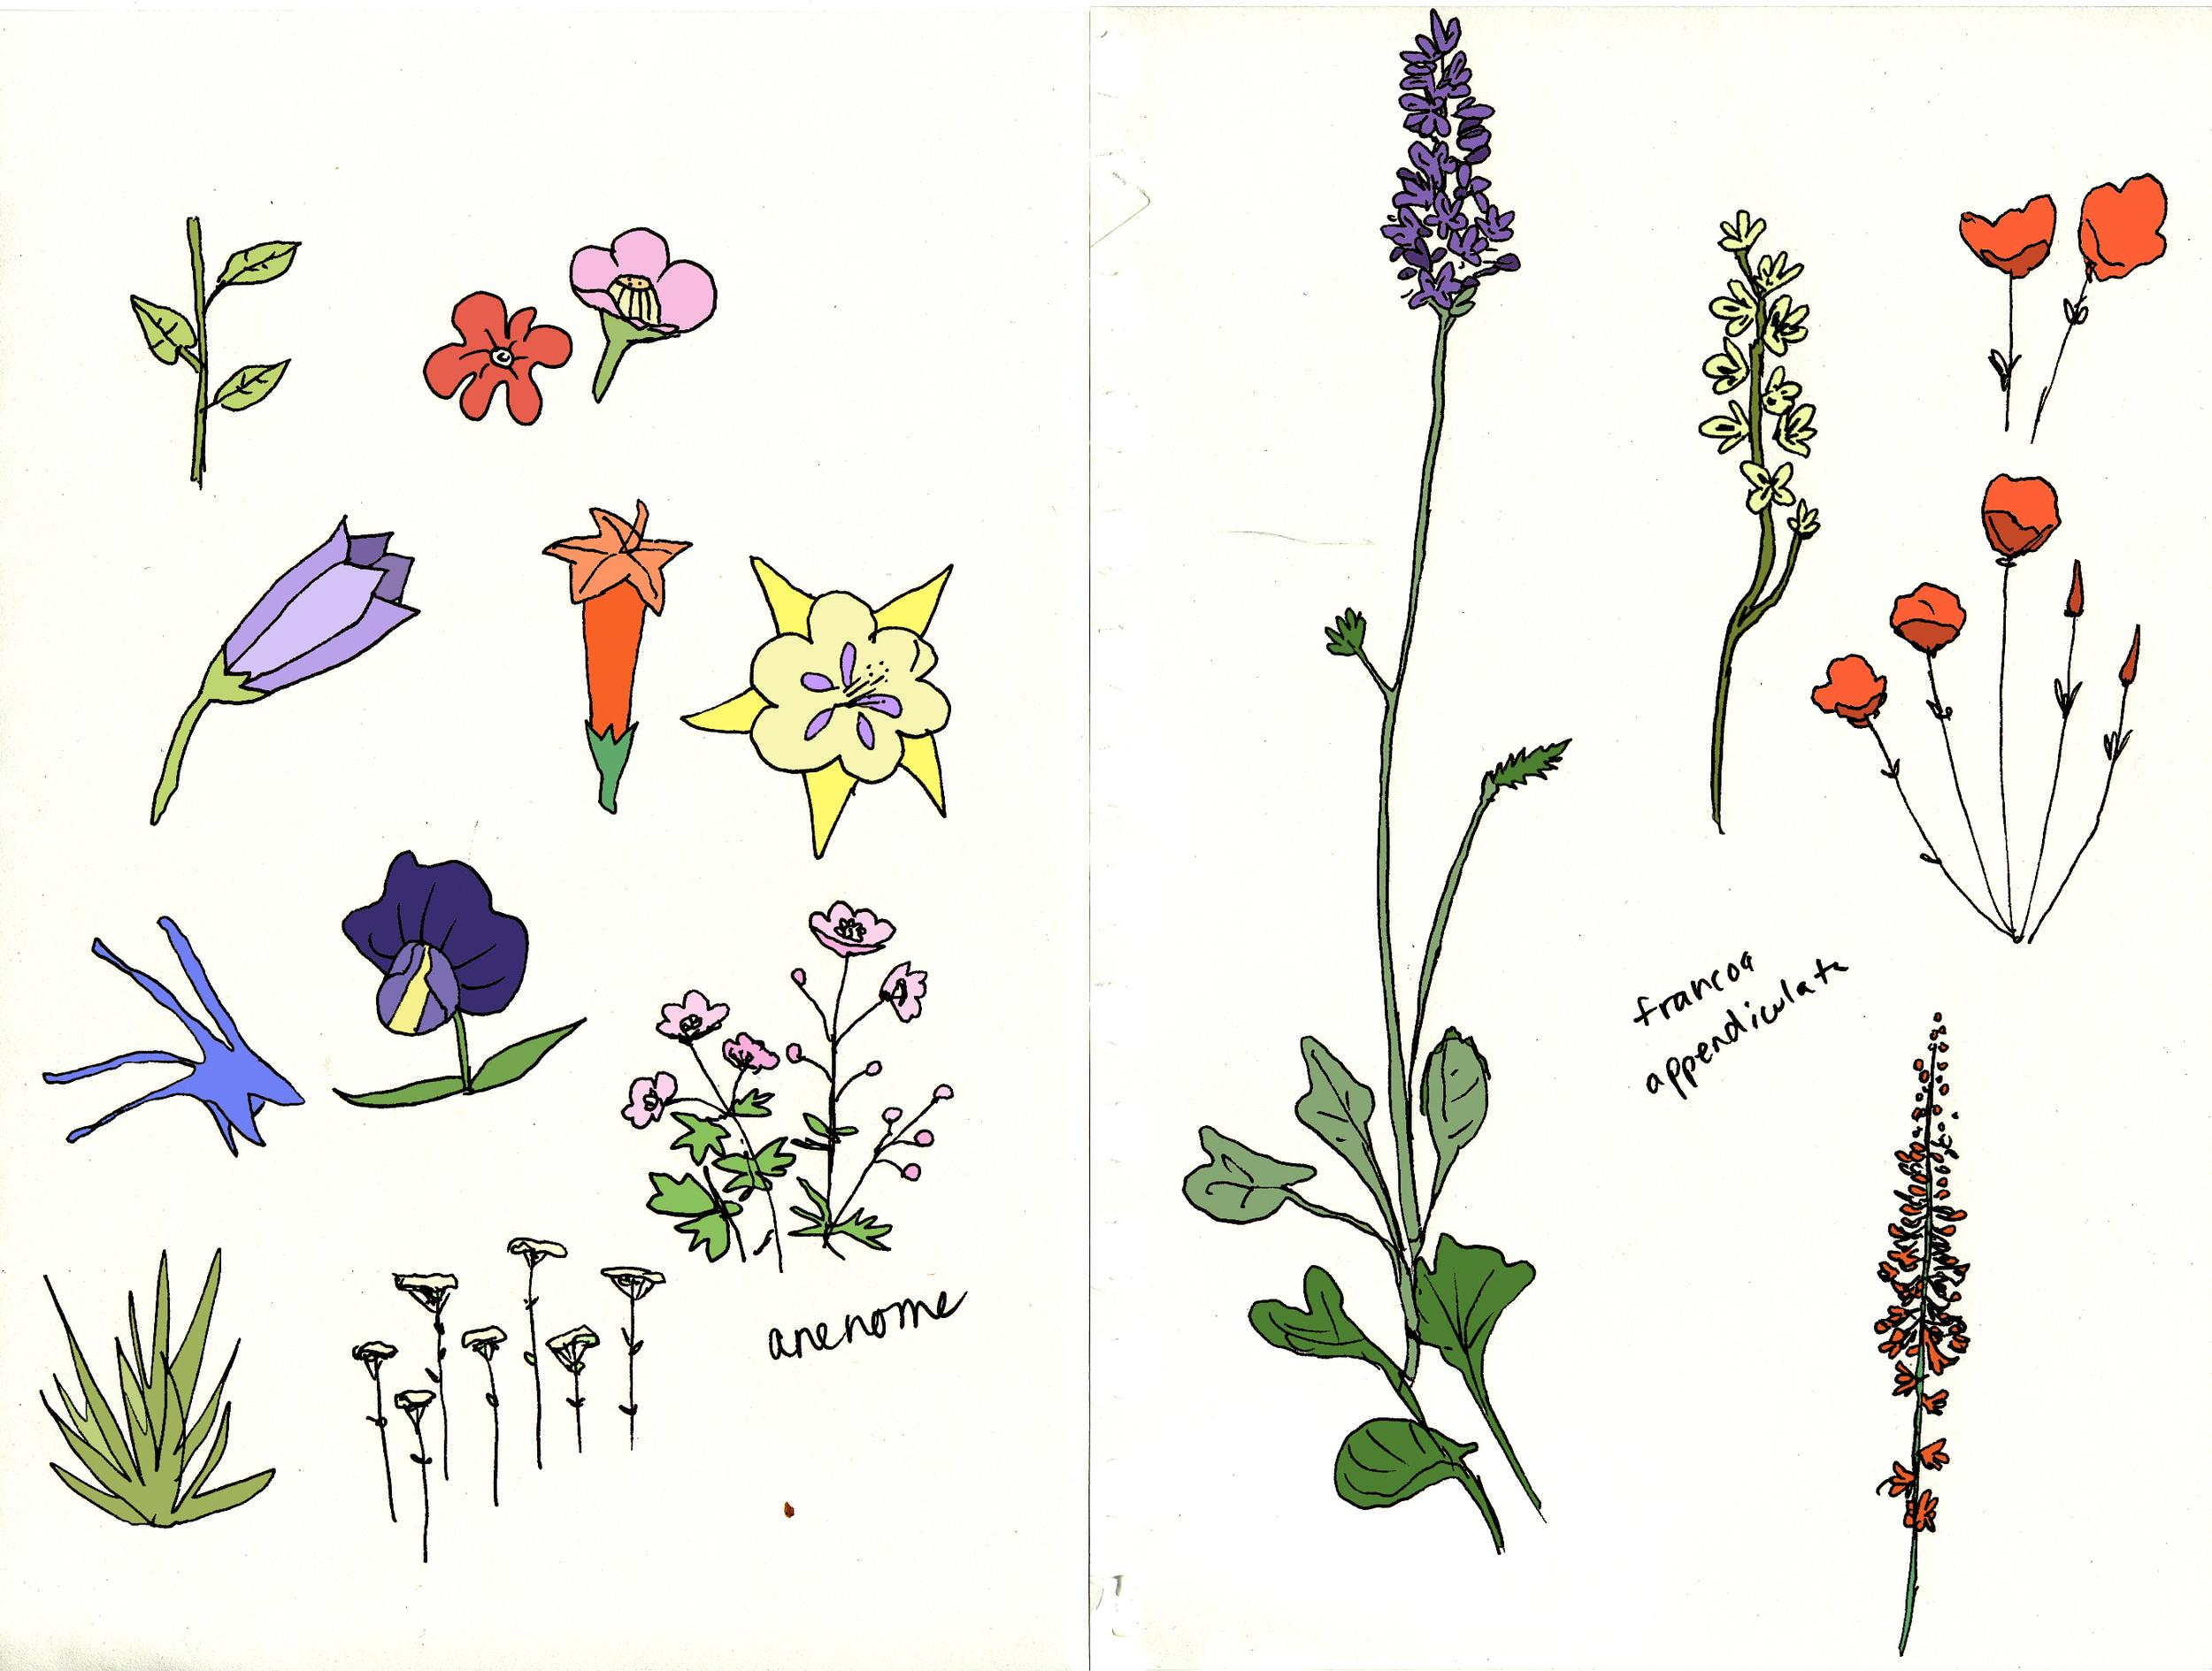 Flower studies, ink and digital color, 2012